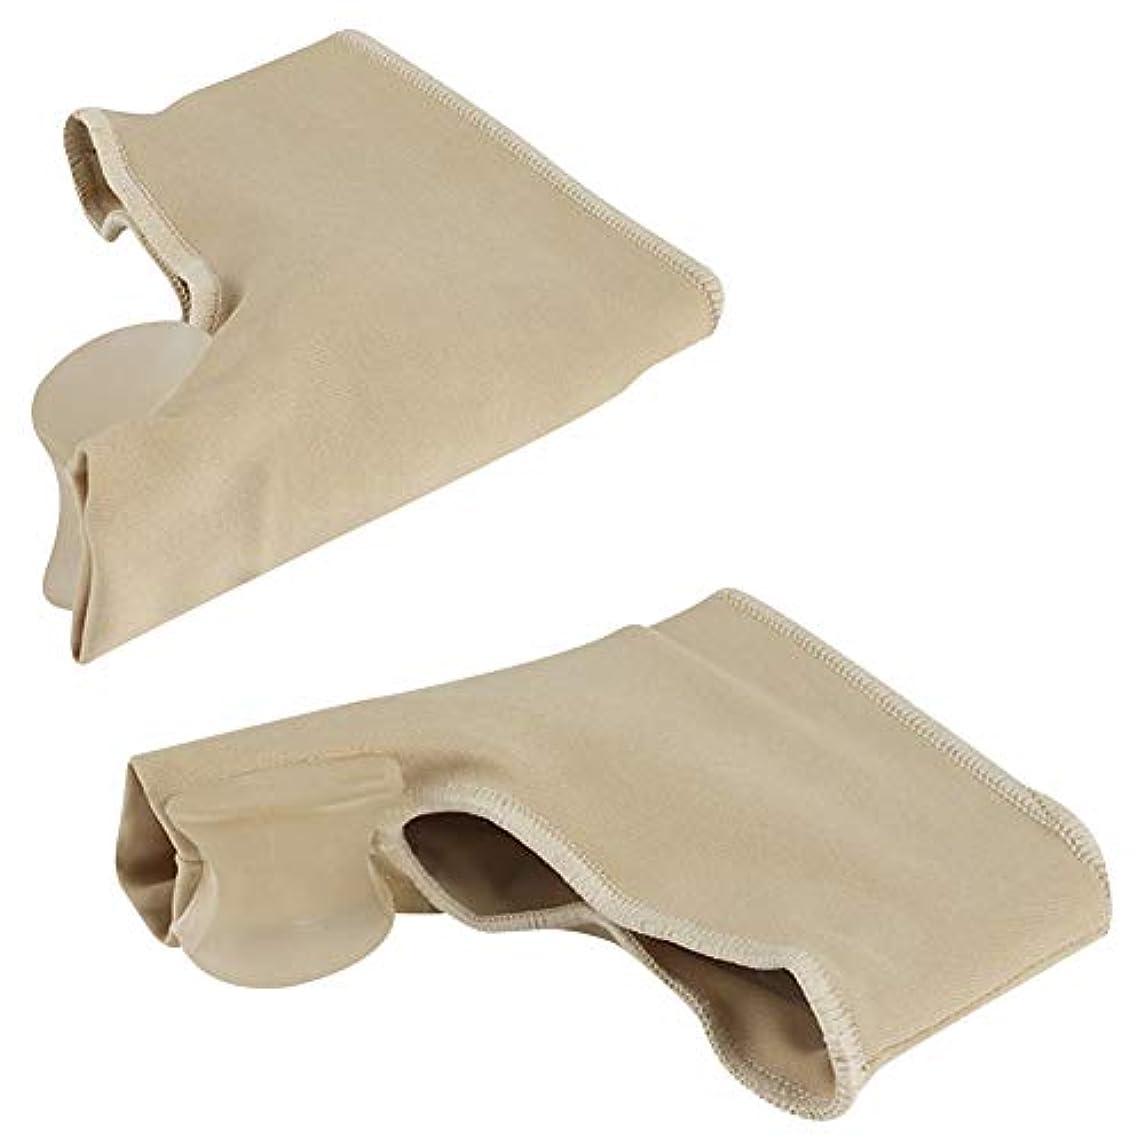 と遊ぶ打倒振りかけるOUYOU 足指サポーター 足指を広げる 外反母趾 足指矯正パッド 血行促進 シリコン (M)